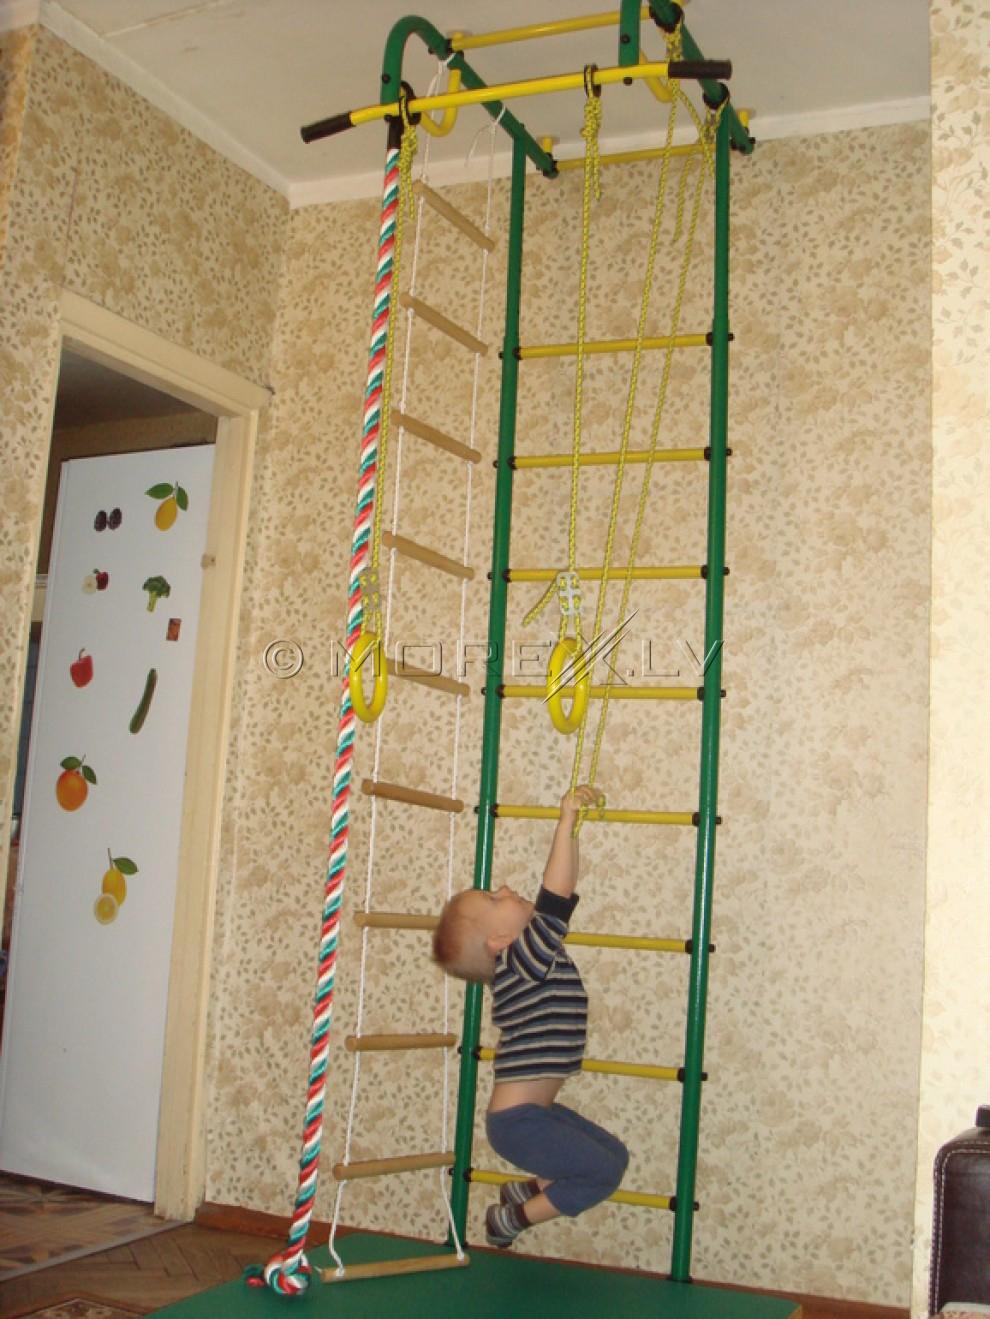 Детский спортивный комплекс Пионер-1 зелено-жёлтый (шведская стенка)